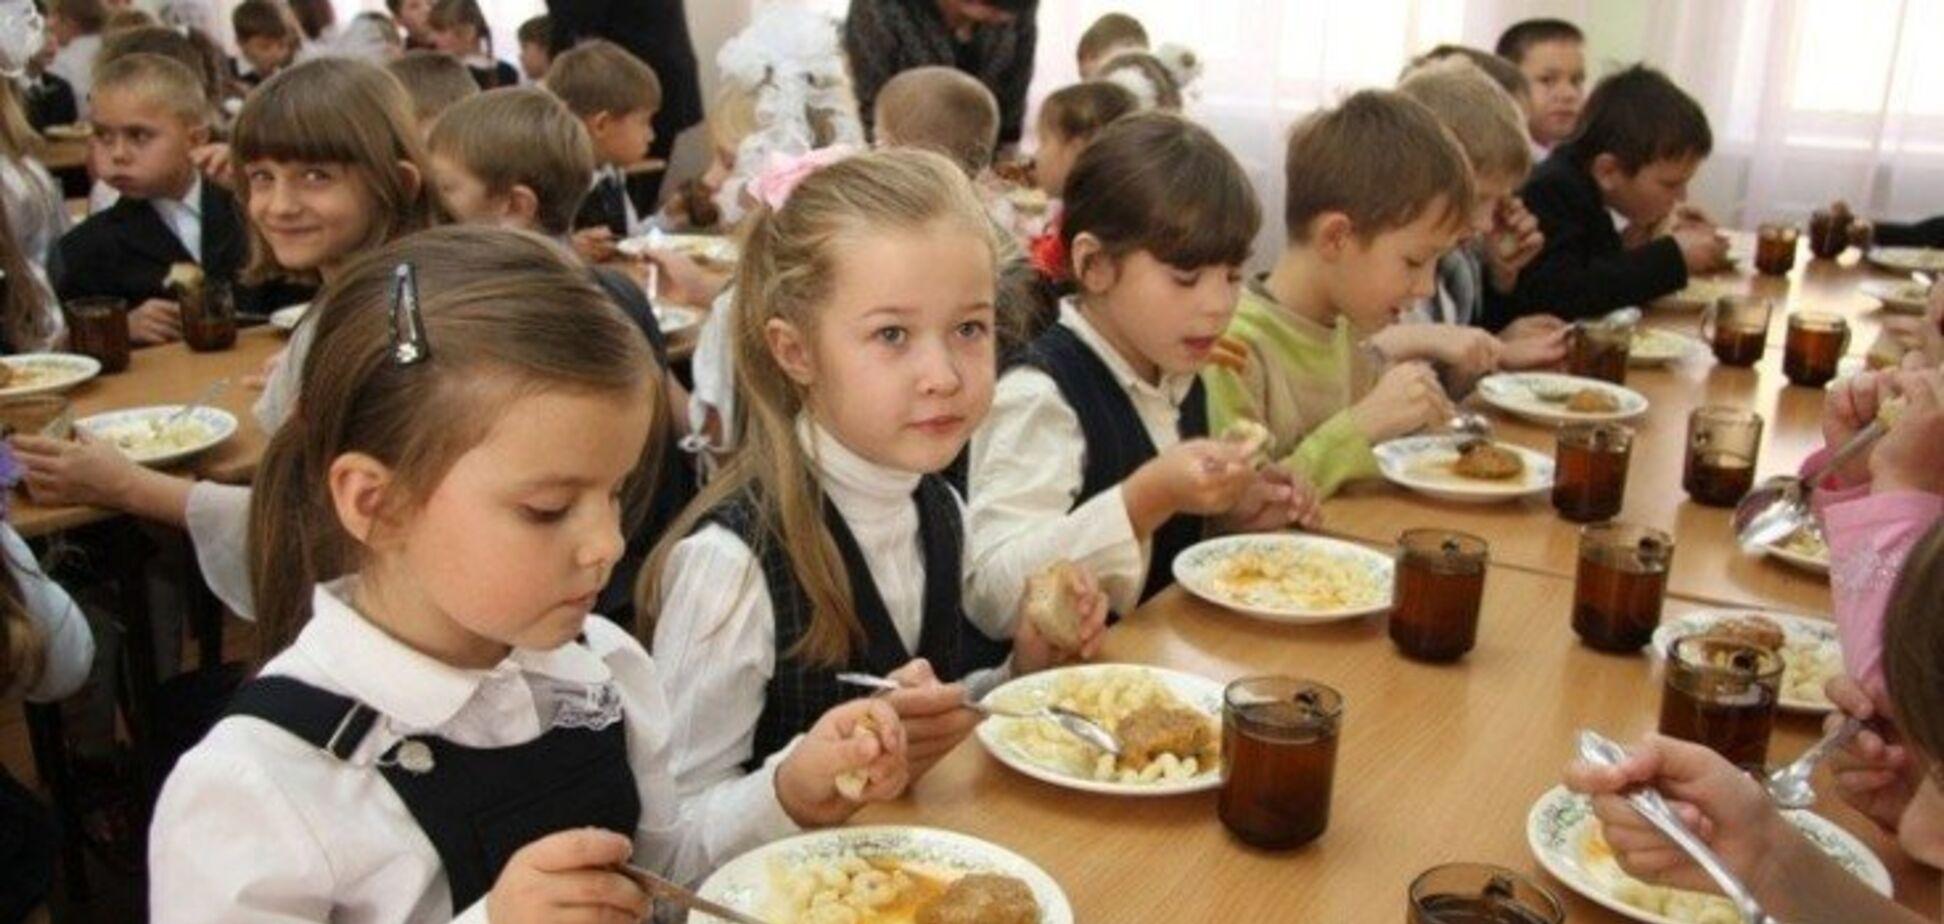 В Ивано-Франковске повара выступили против обновленного меню для школьников: возник скандал